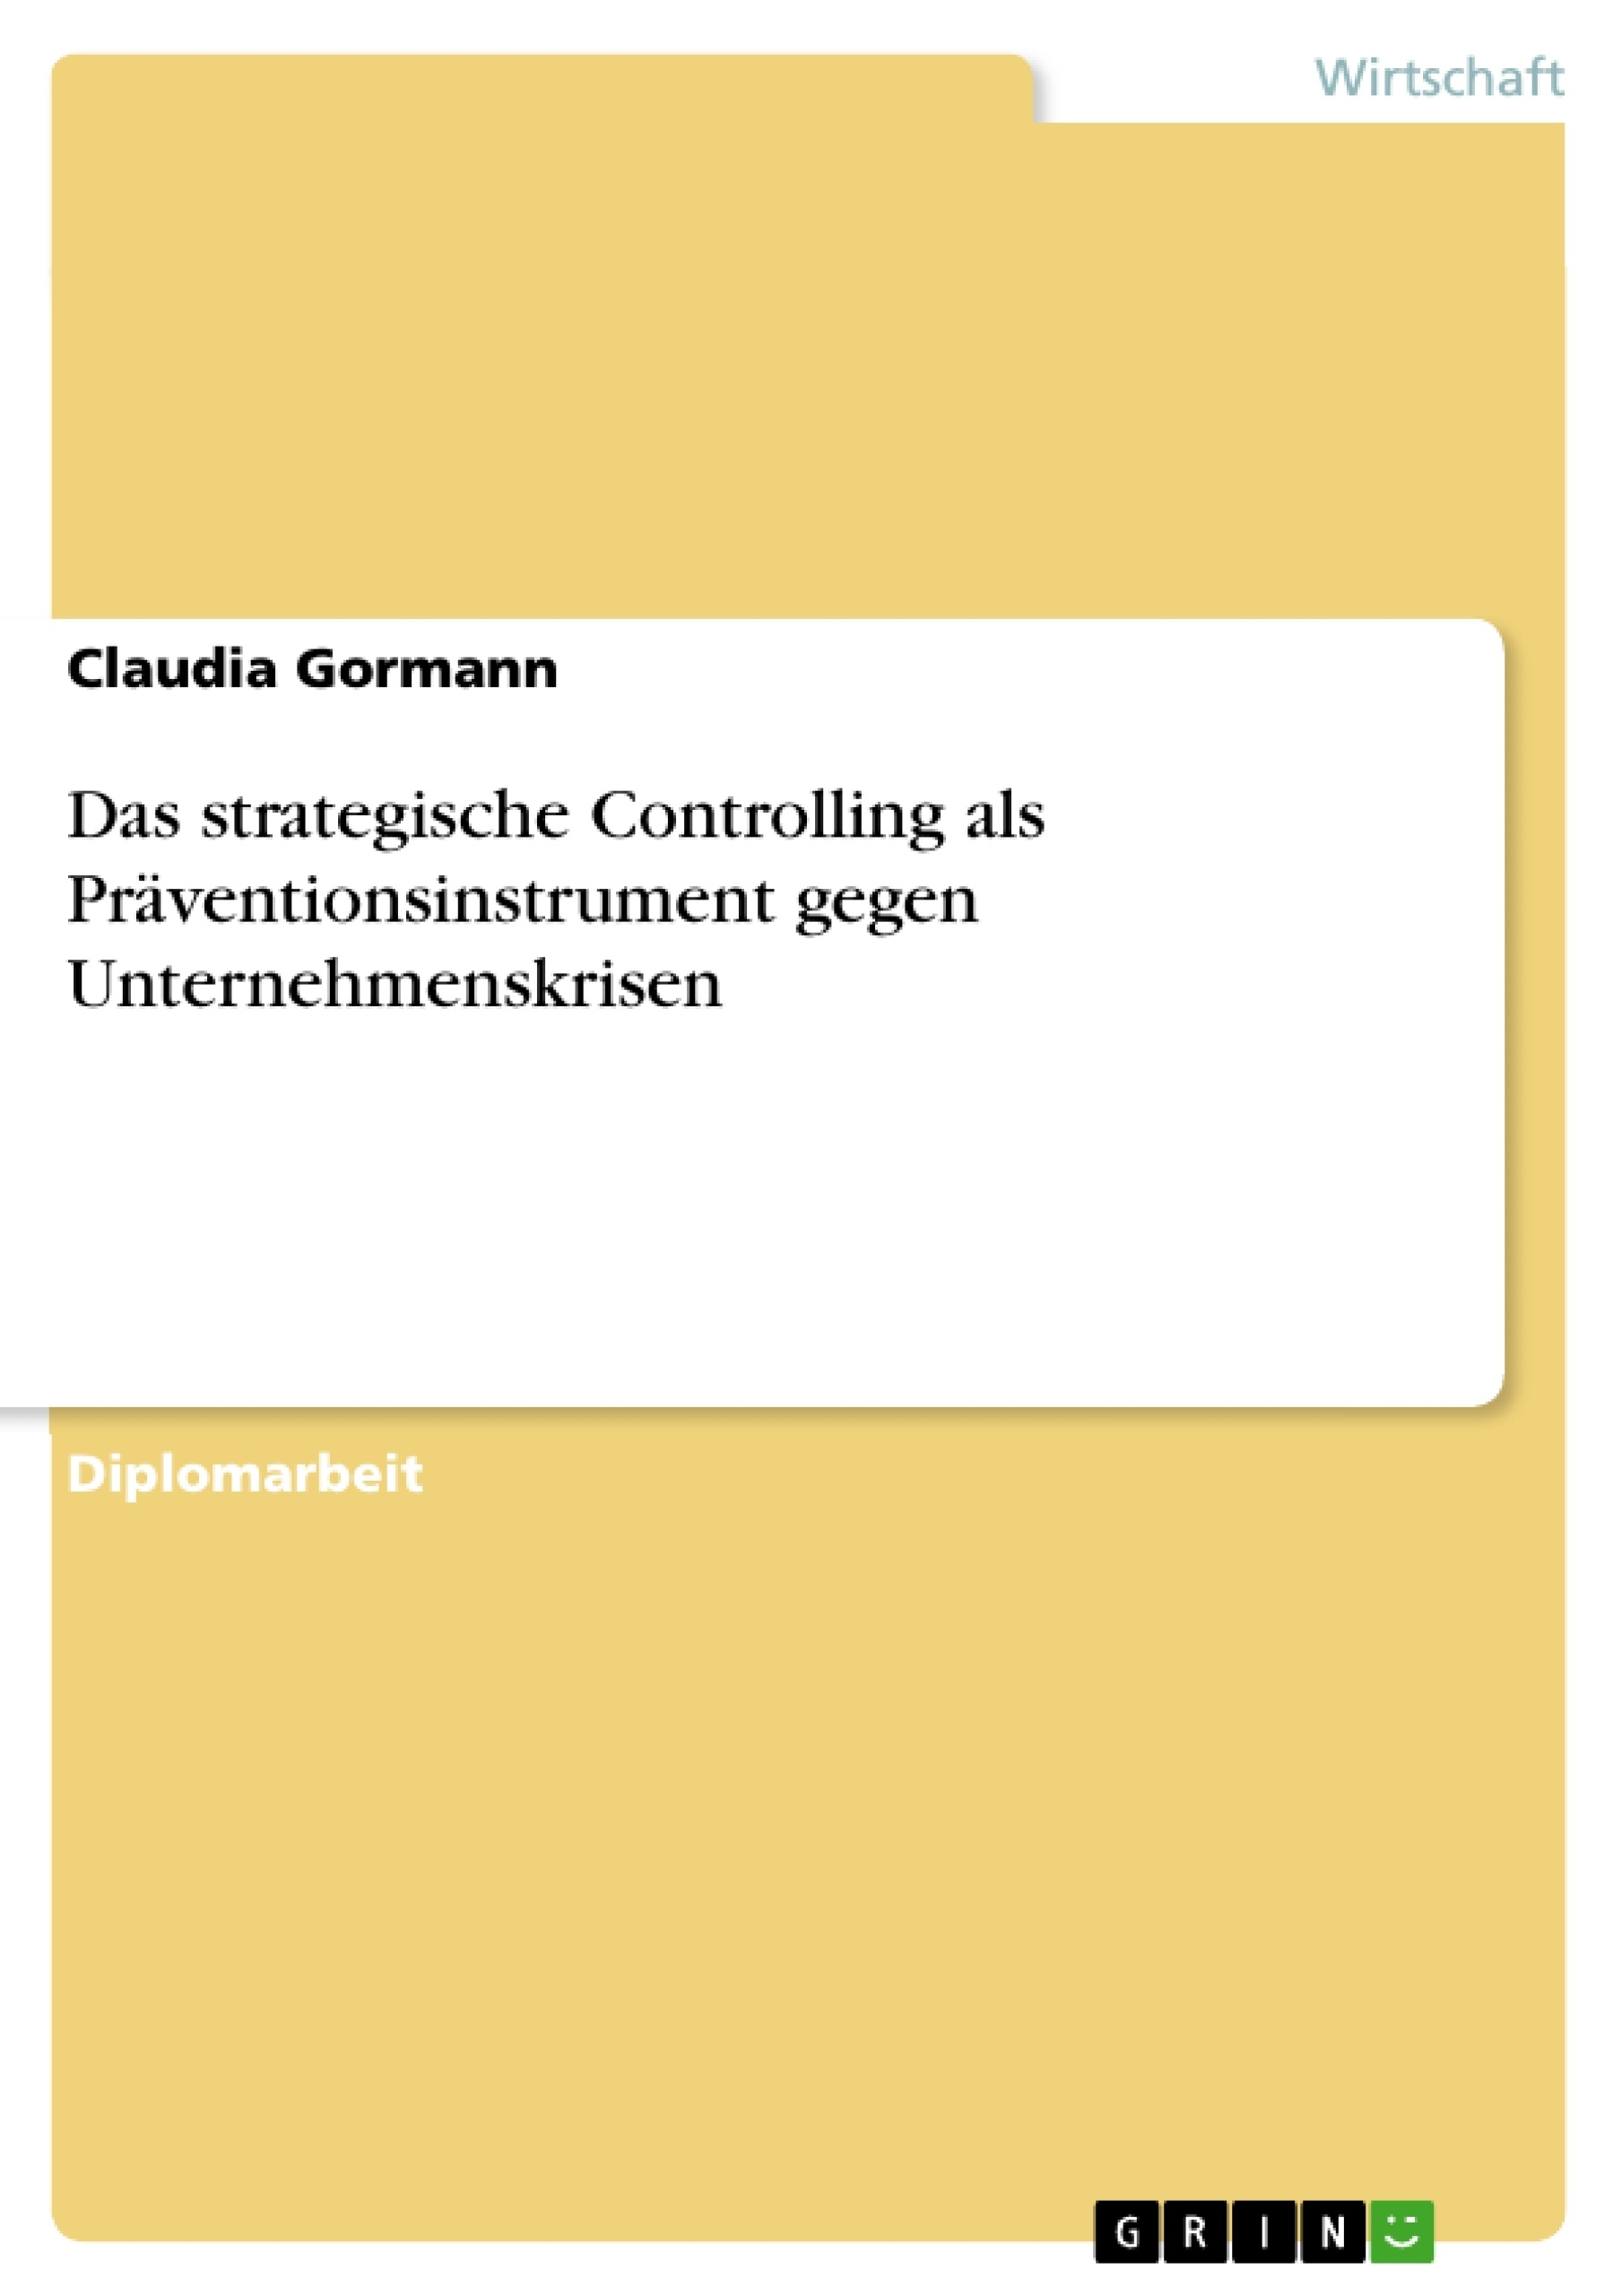 Titel: Das strategische Controlling als Präventionsinstrument gegen Unternehmenskrisen